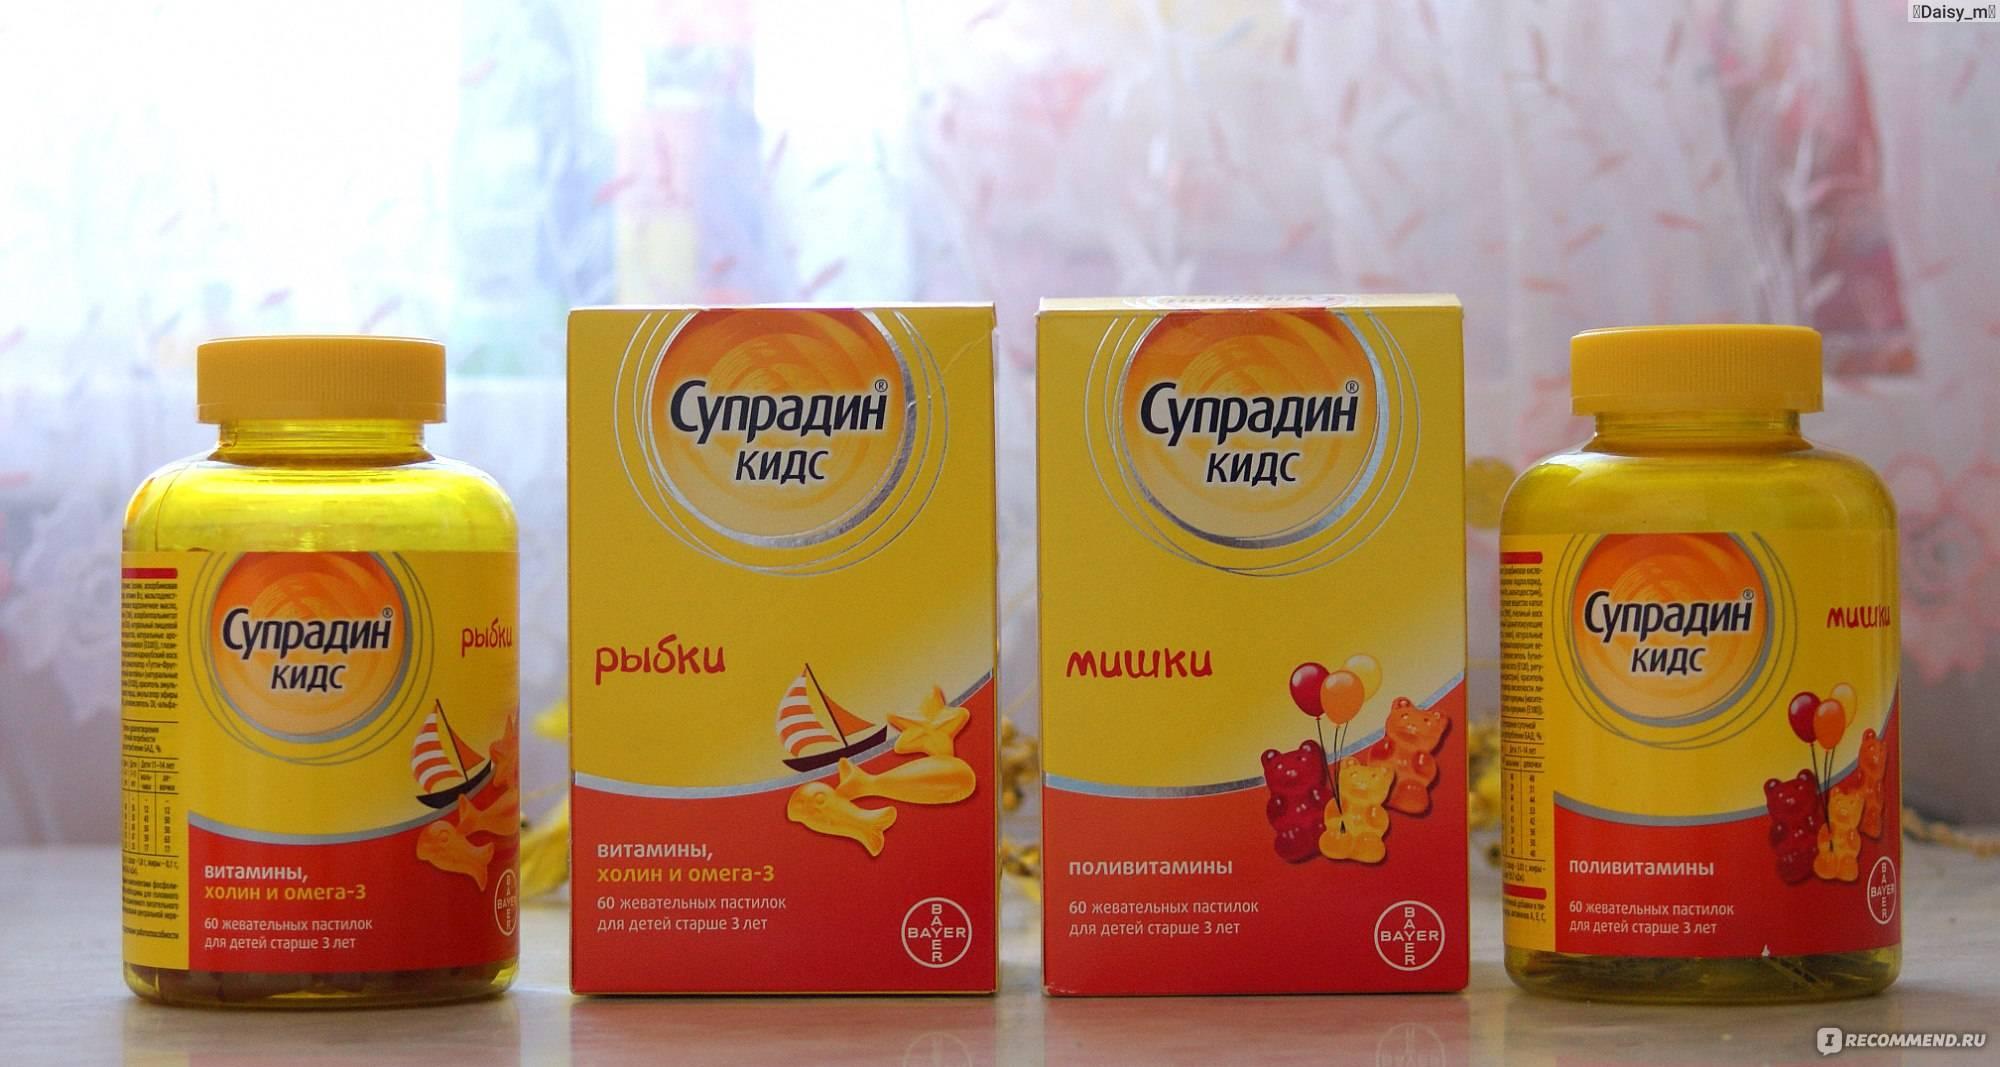 Что лучше купить витамишки или супрадин кидс? | в чем разница